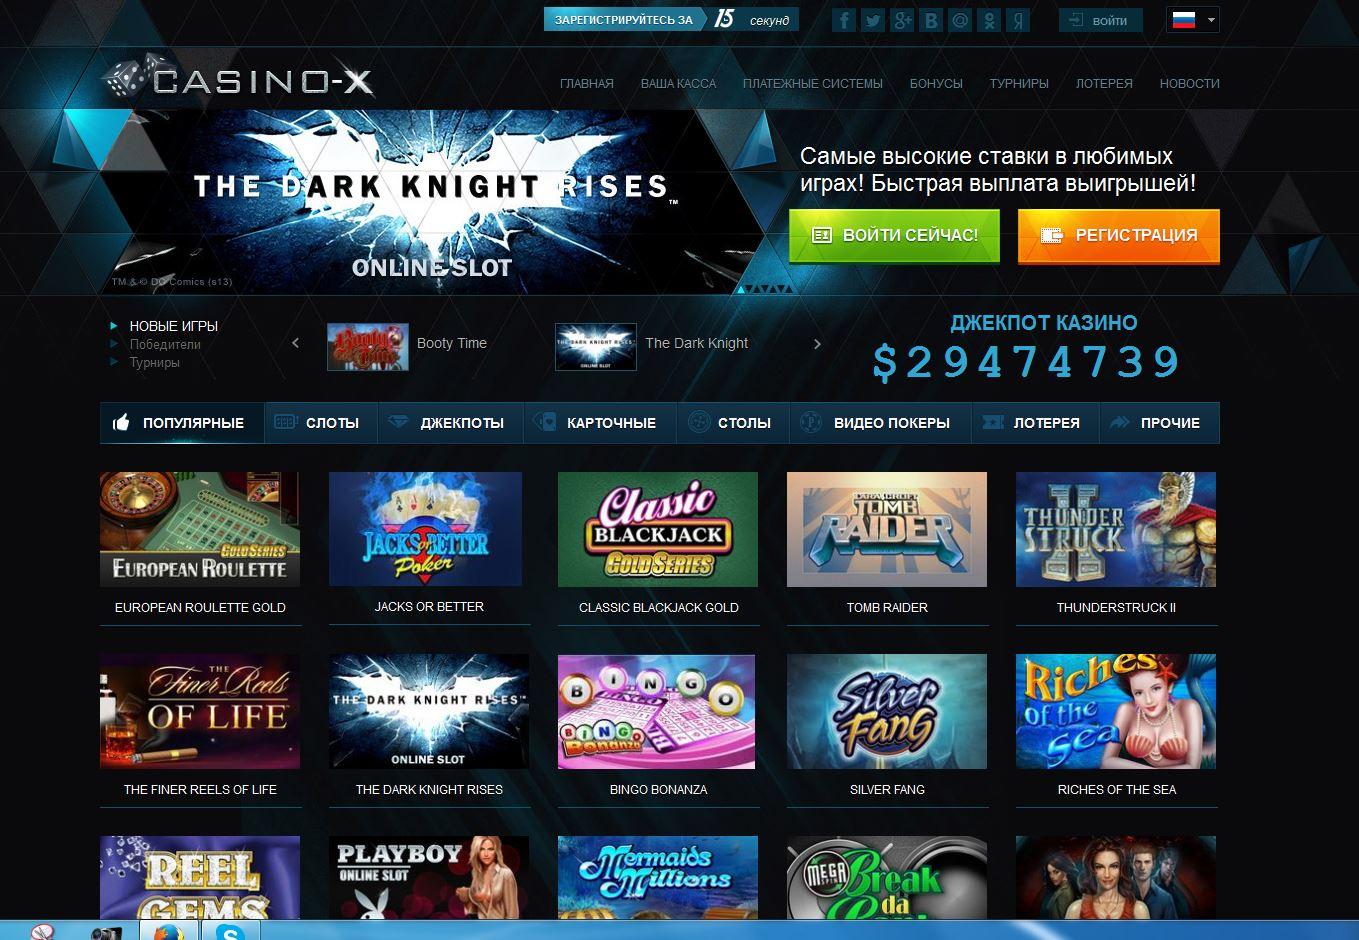 Add casino g site monaco monte carlo casino